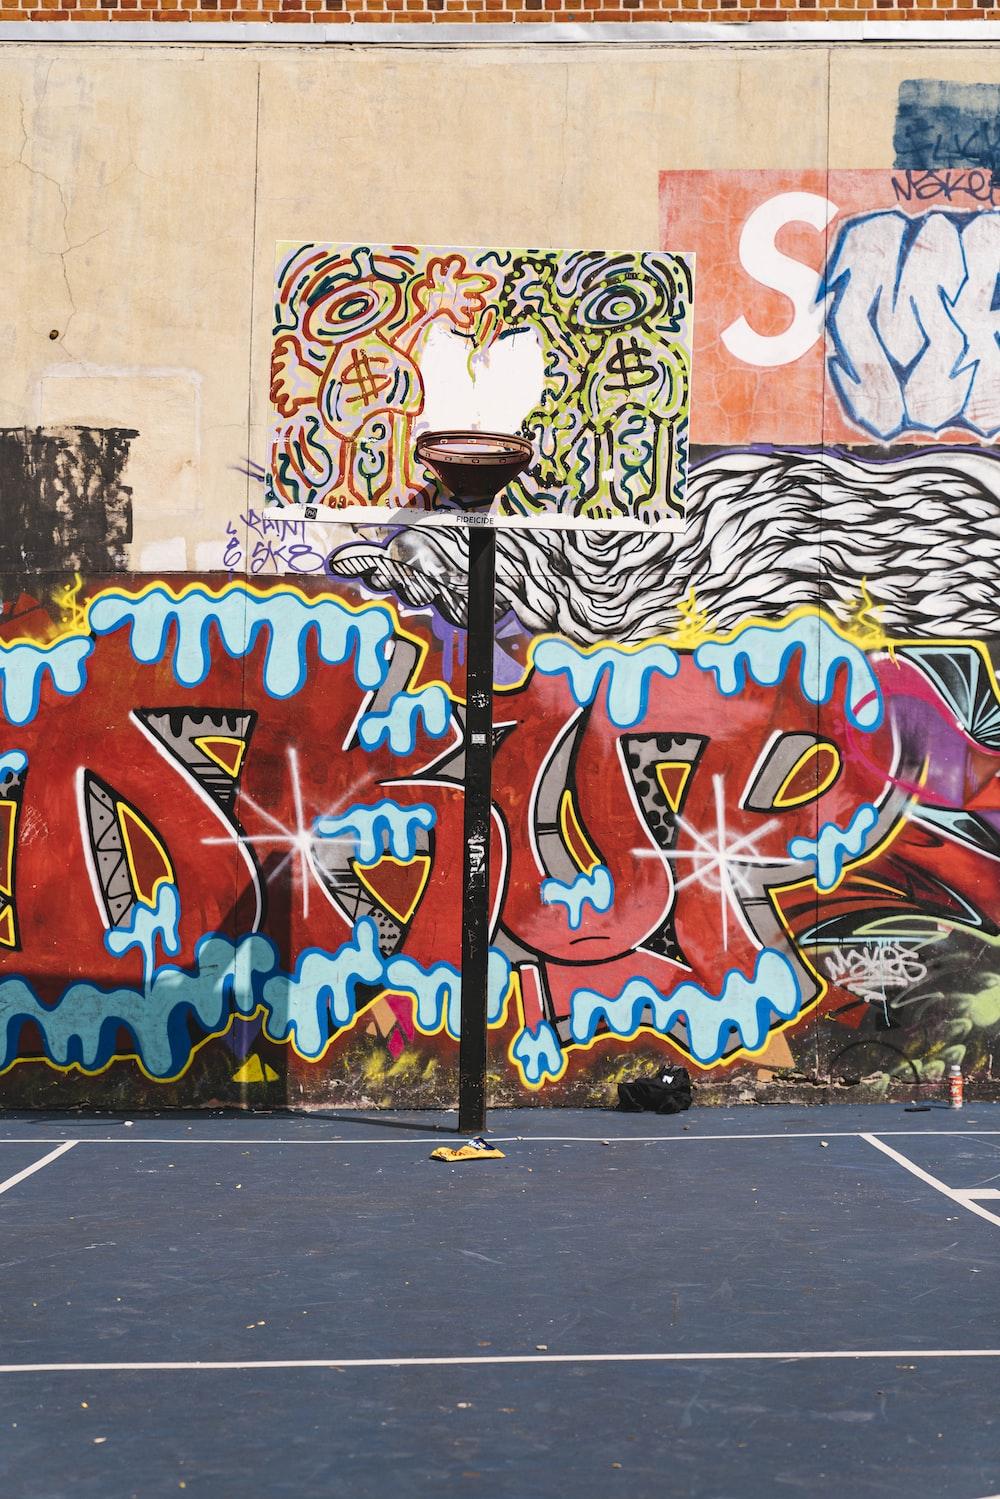 painted basketball hoop near graffiti wall